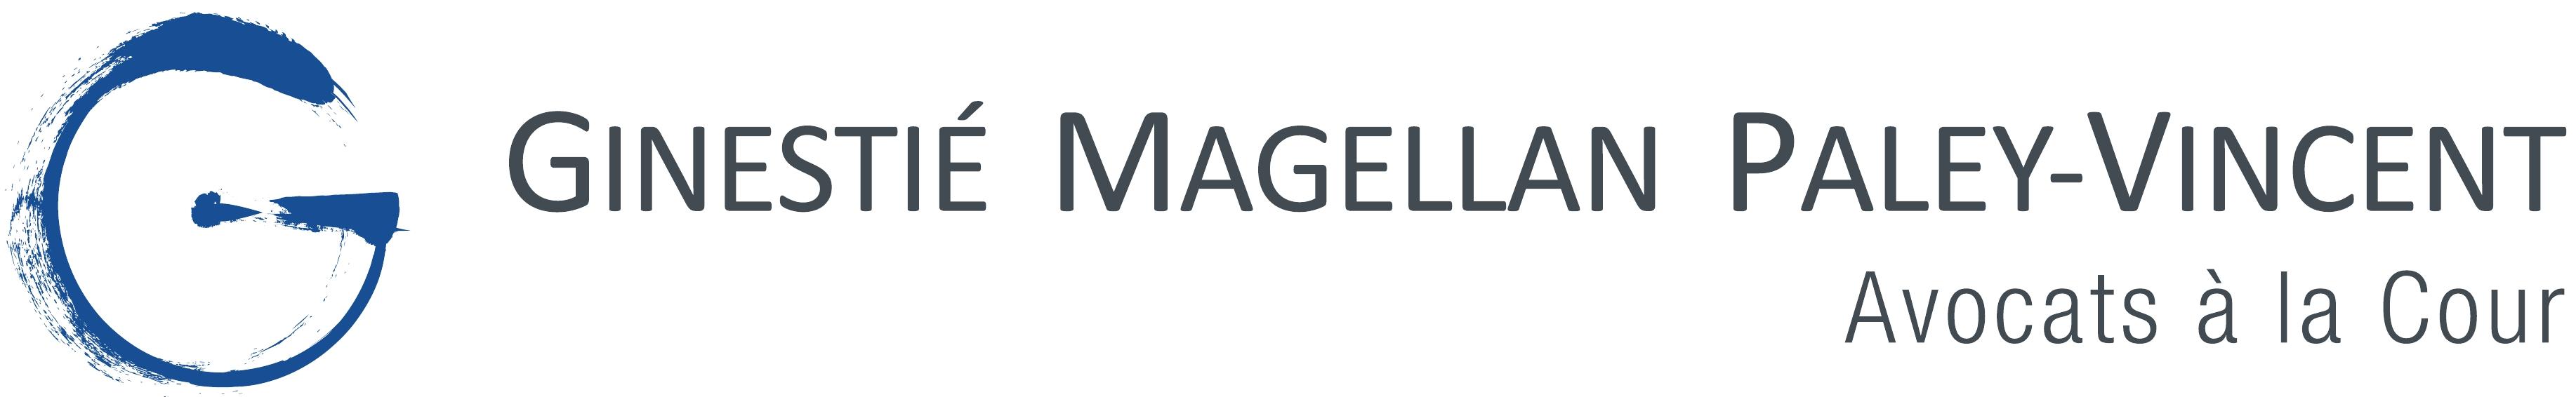 GINESTIE MAGELLAN PALEY VINCENT